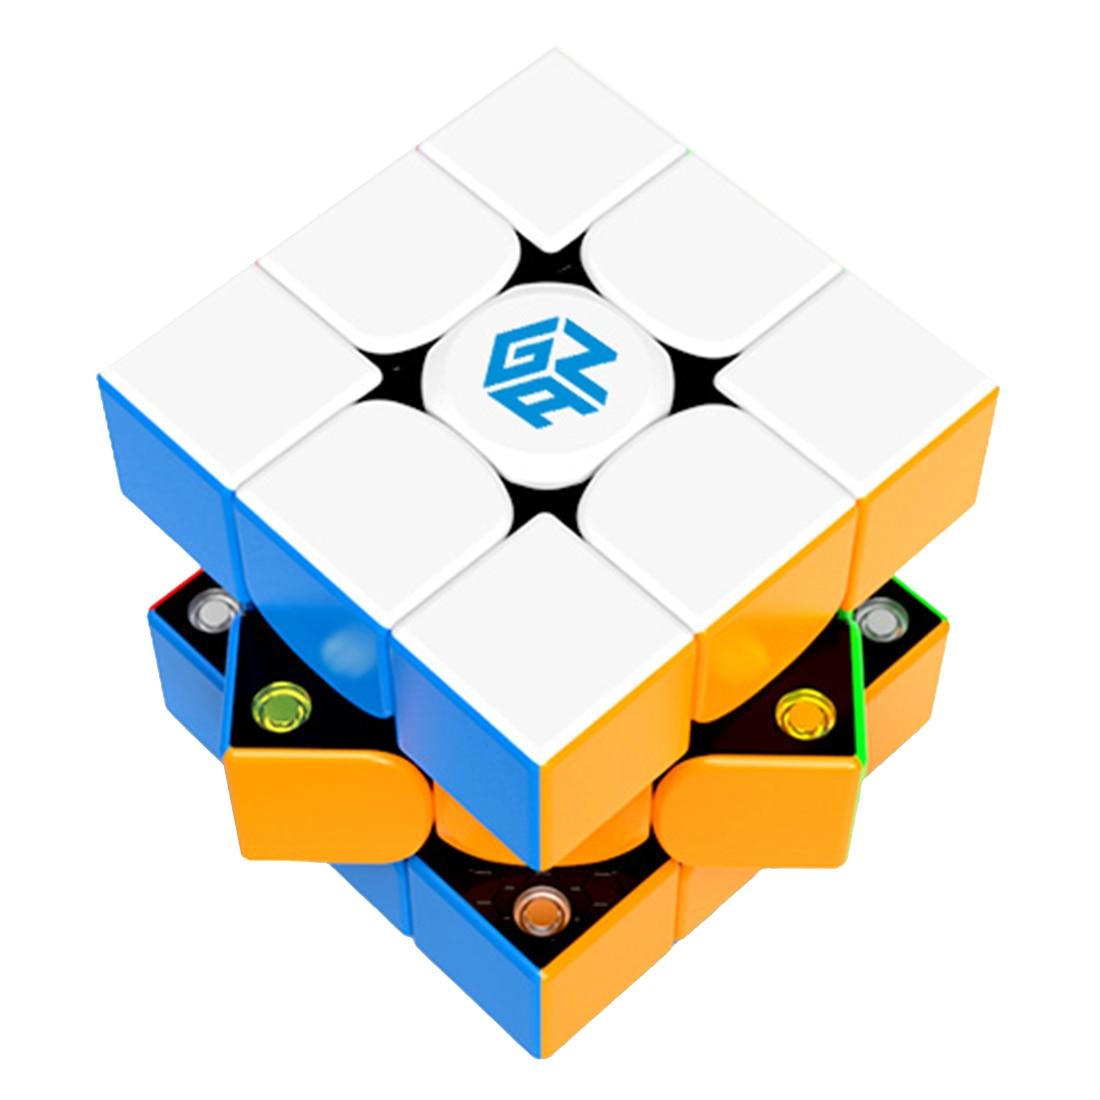 GAN354M 3x3x3 Force magnétique Cube magique casse-tête Puzzle jouet-coloré